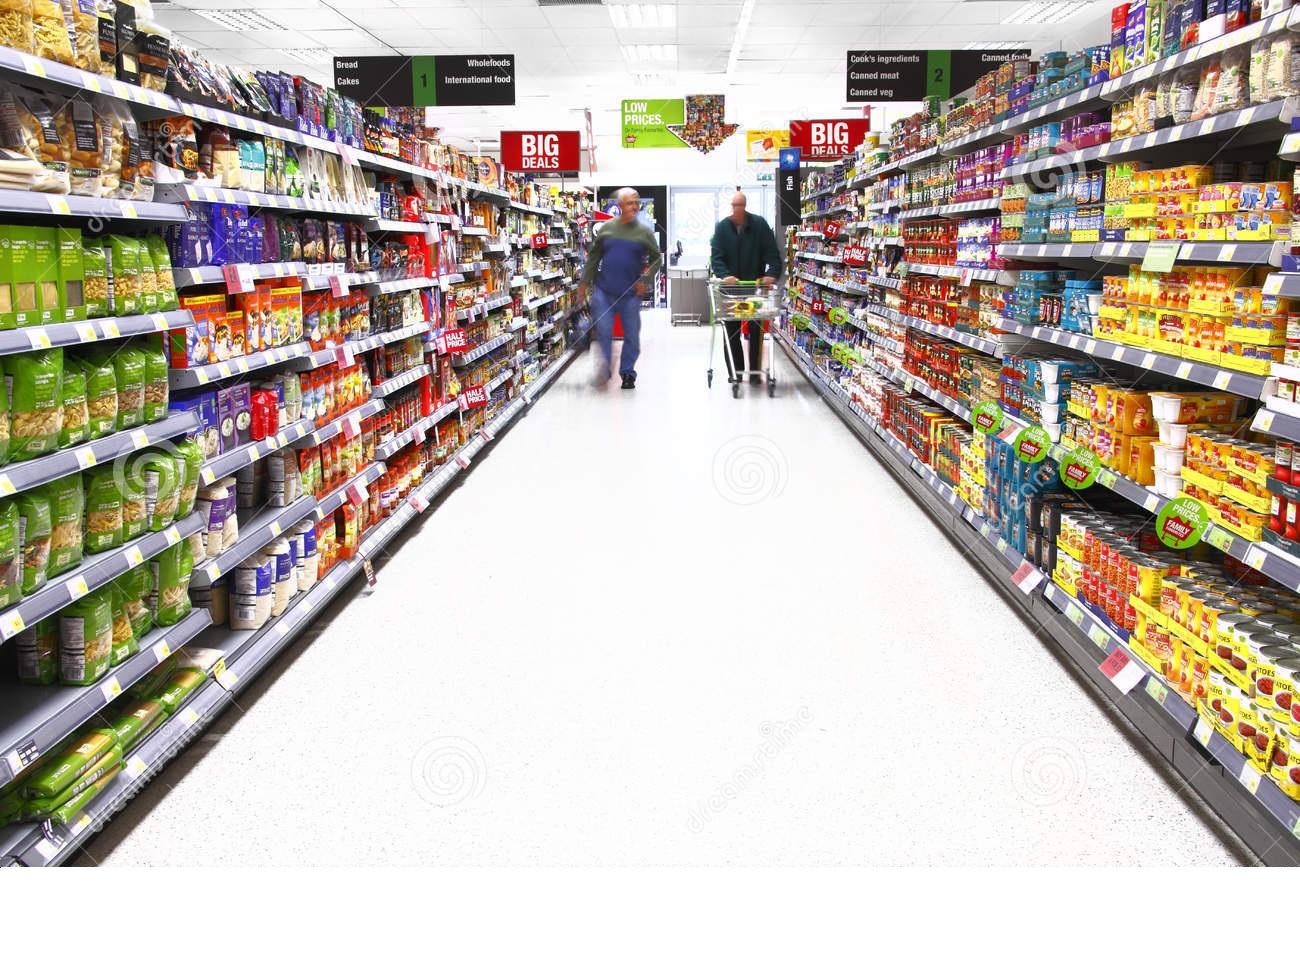 Сувениры можно выбрать в супермаркете.